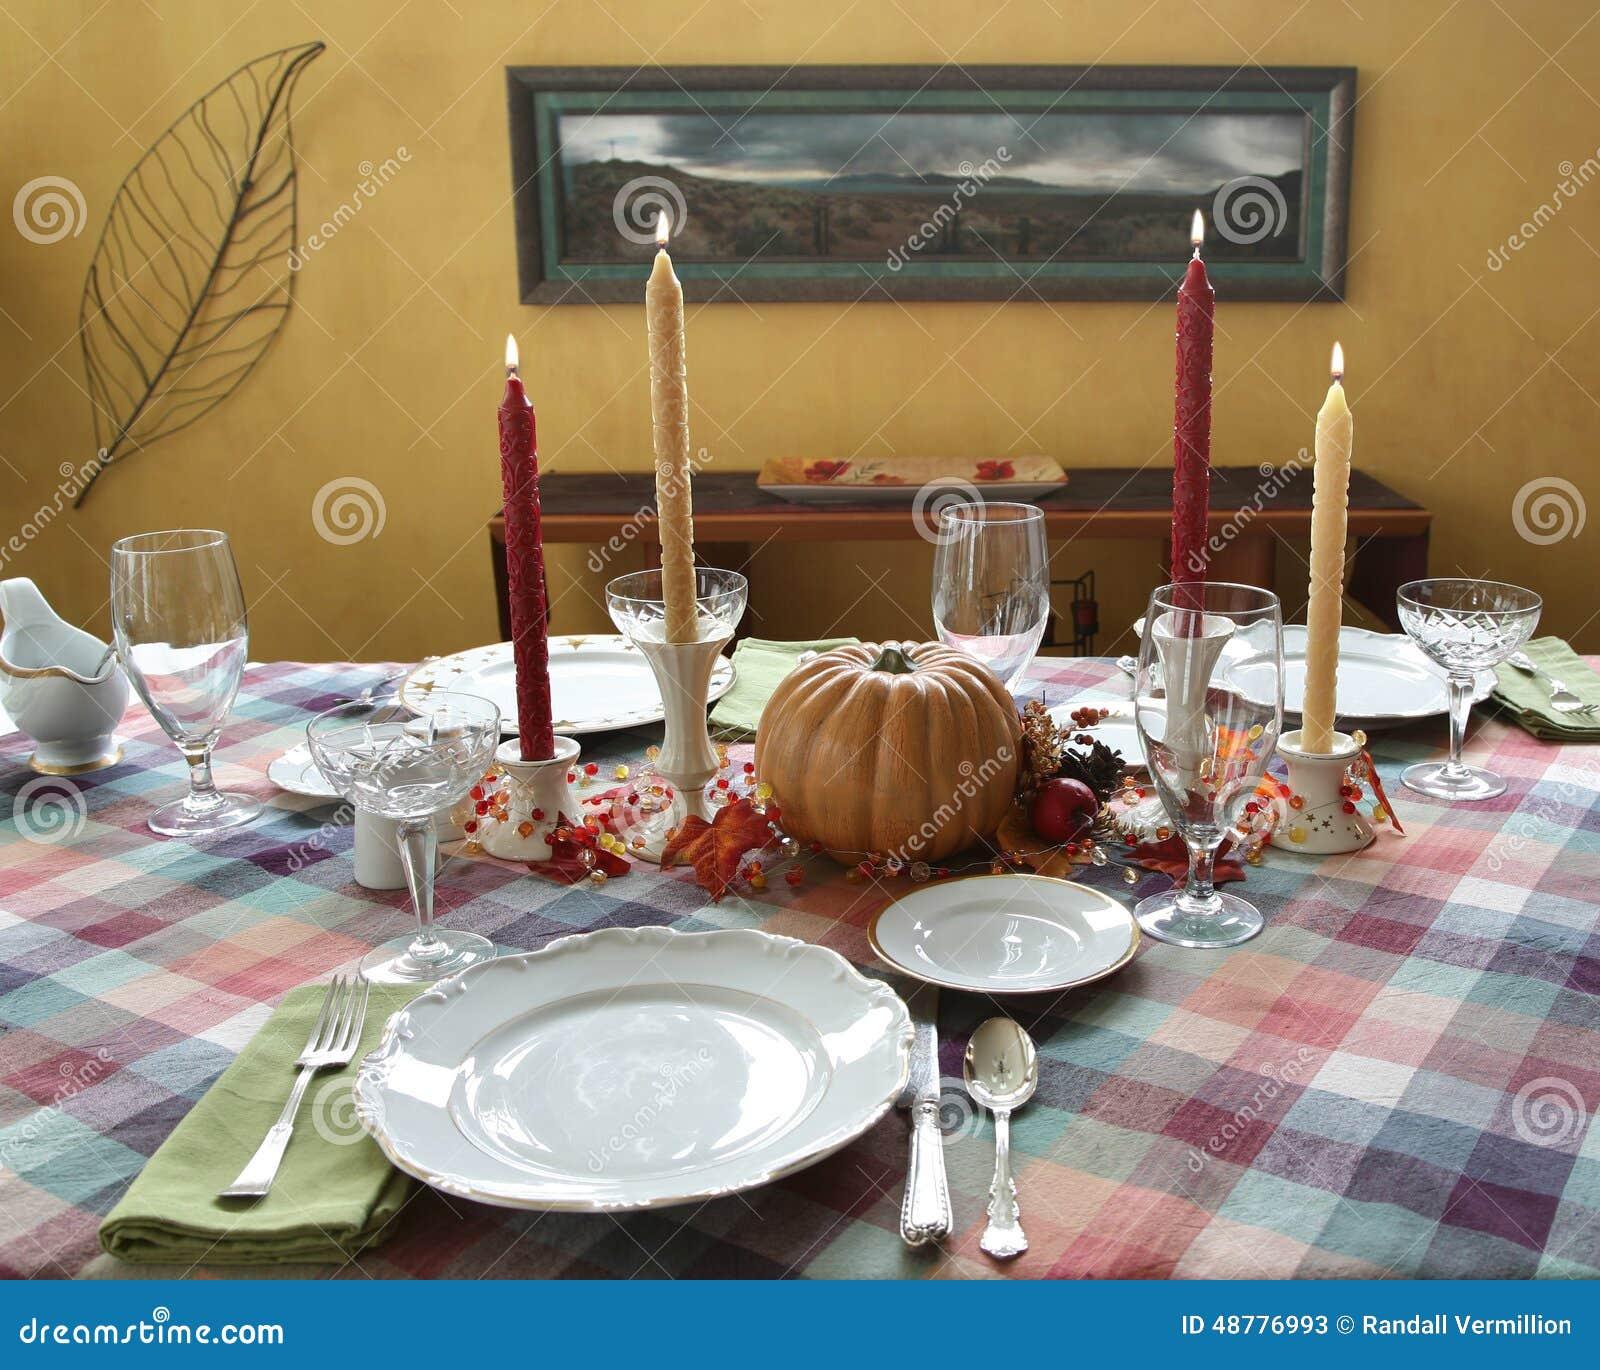 Thanksgiving Dinner Table Set For Dinner Stock Photo